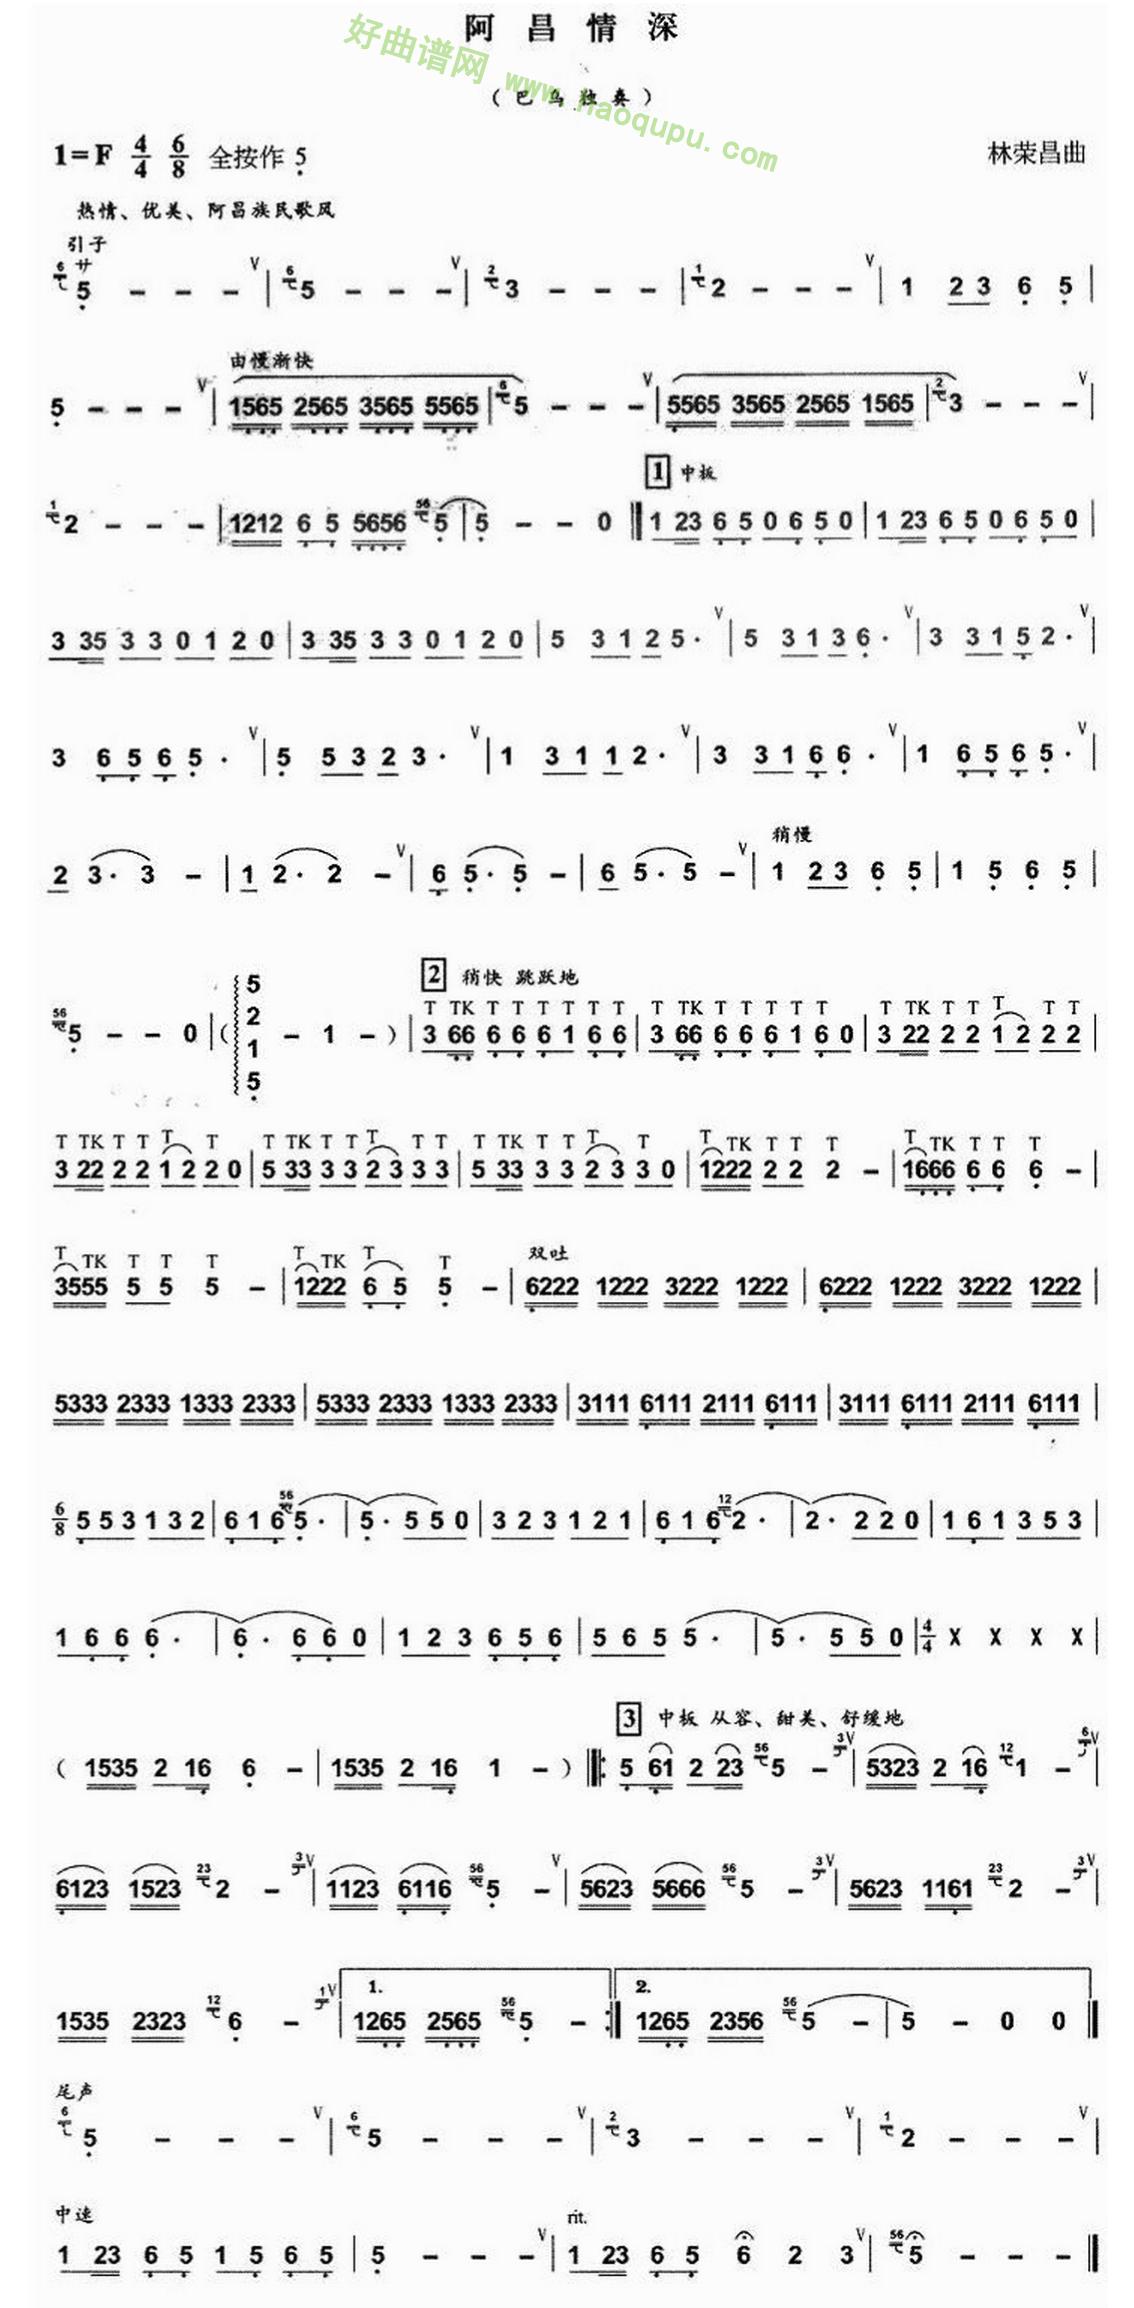 《阿昌情深》(葫芦丝谱)葫芦丝曲谱第1张